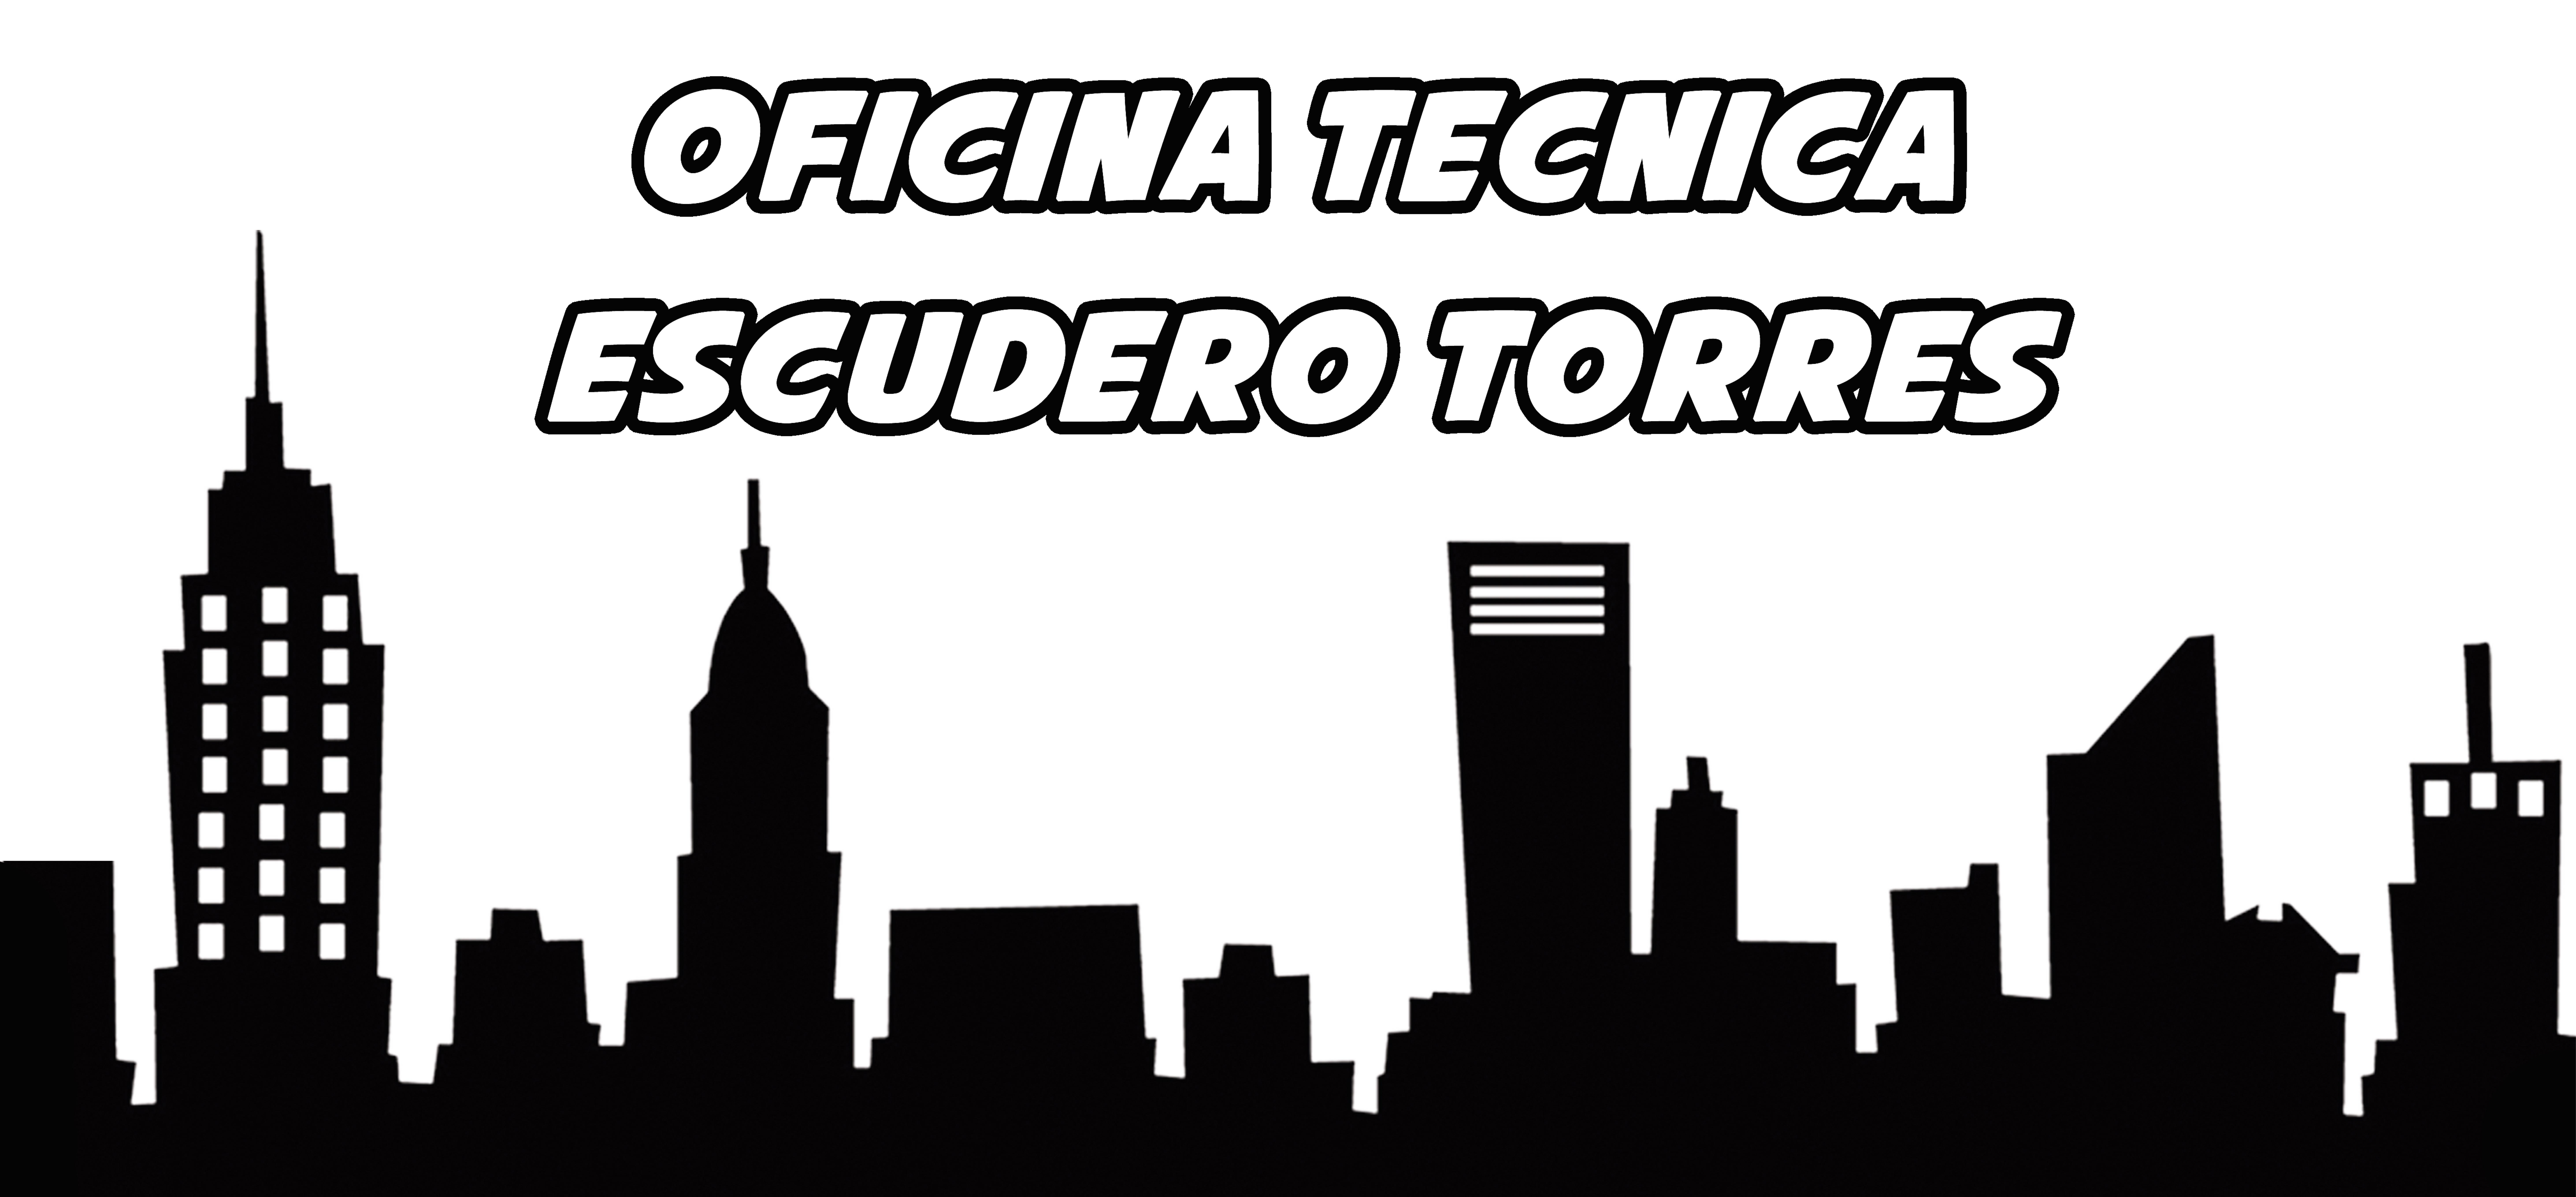 Oficina Técnica Escudero Torres